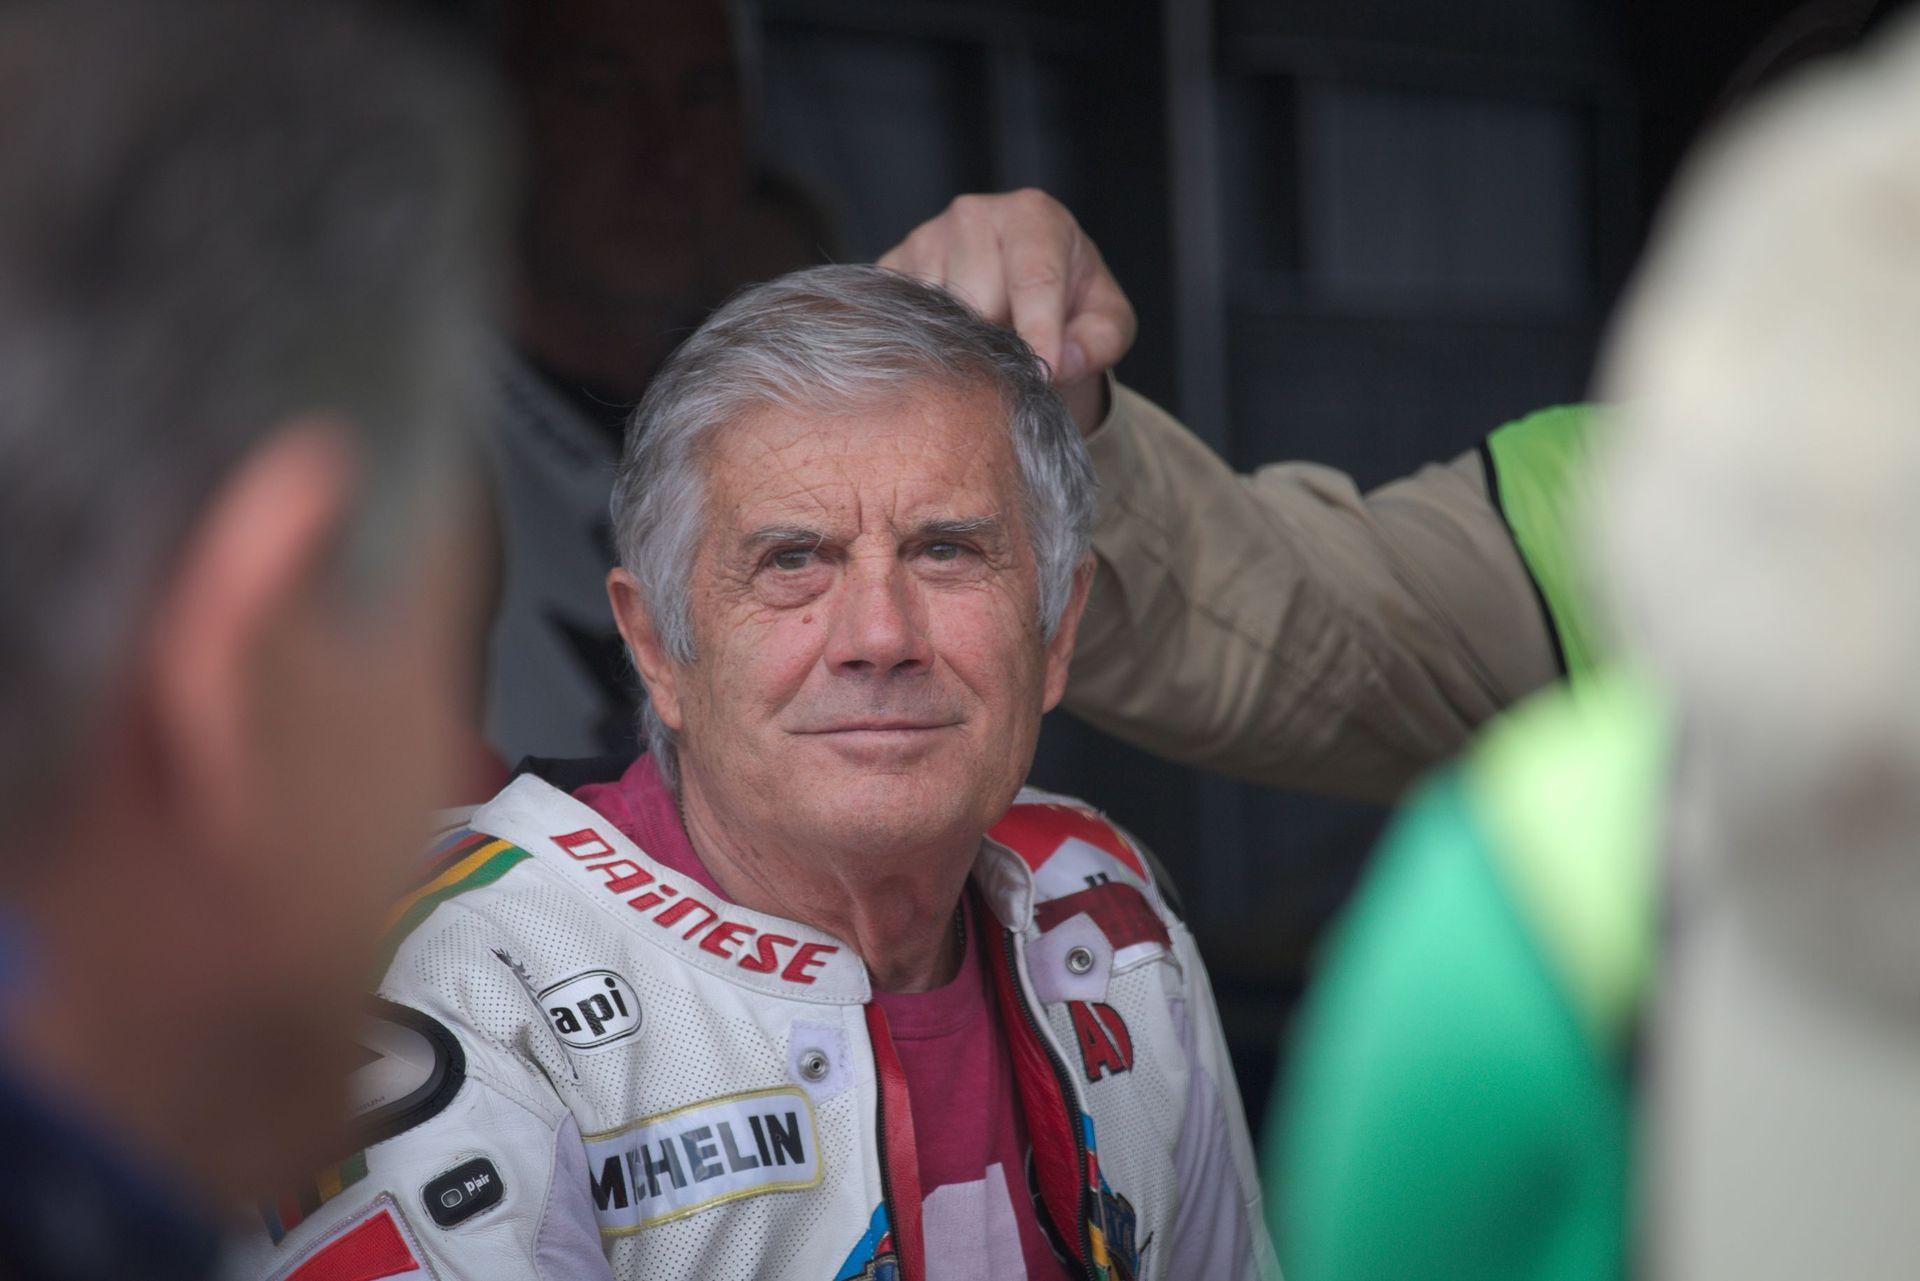 Giacomo Agostini am Sachsenring 2017